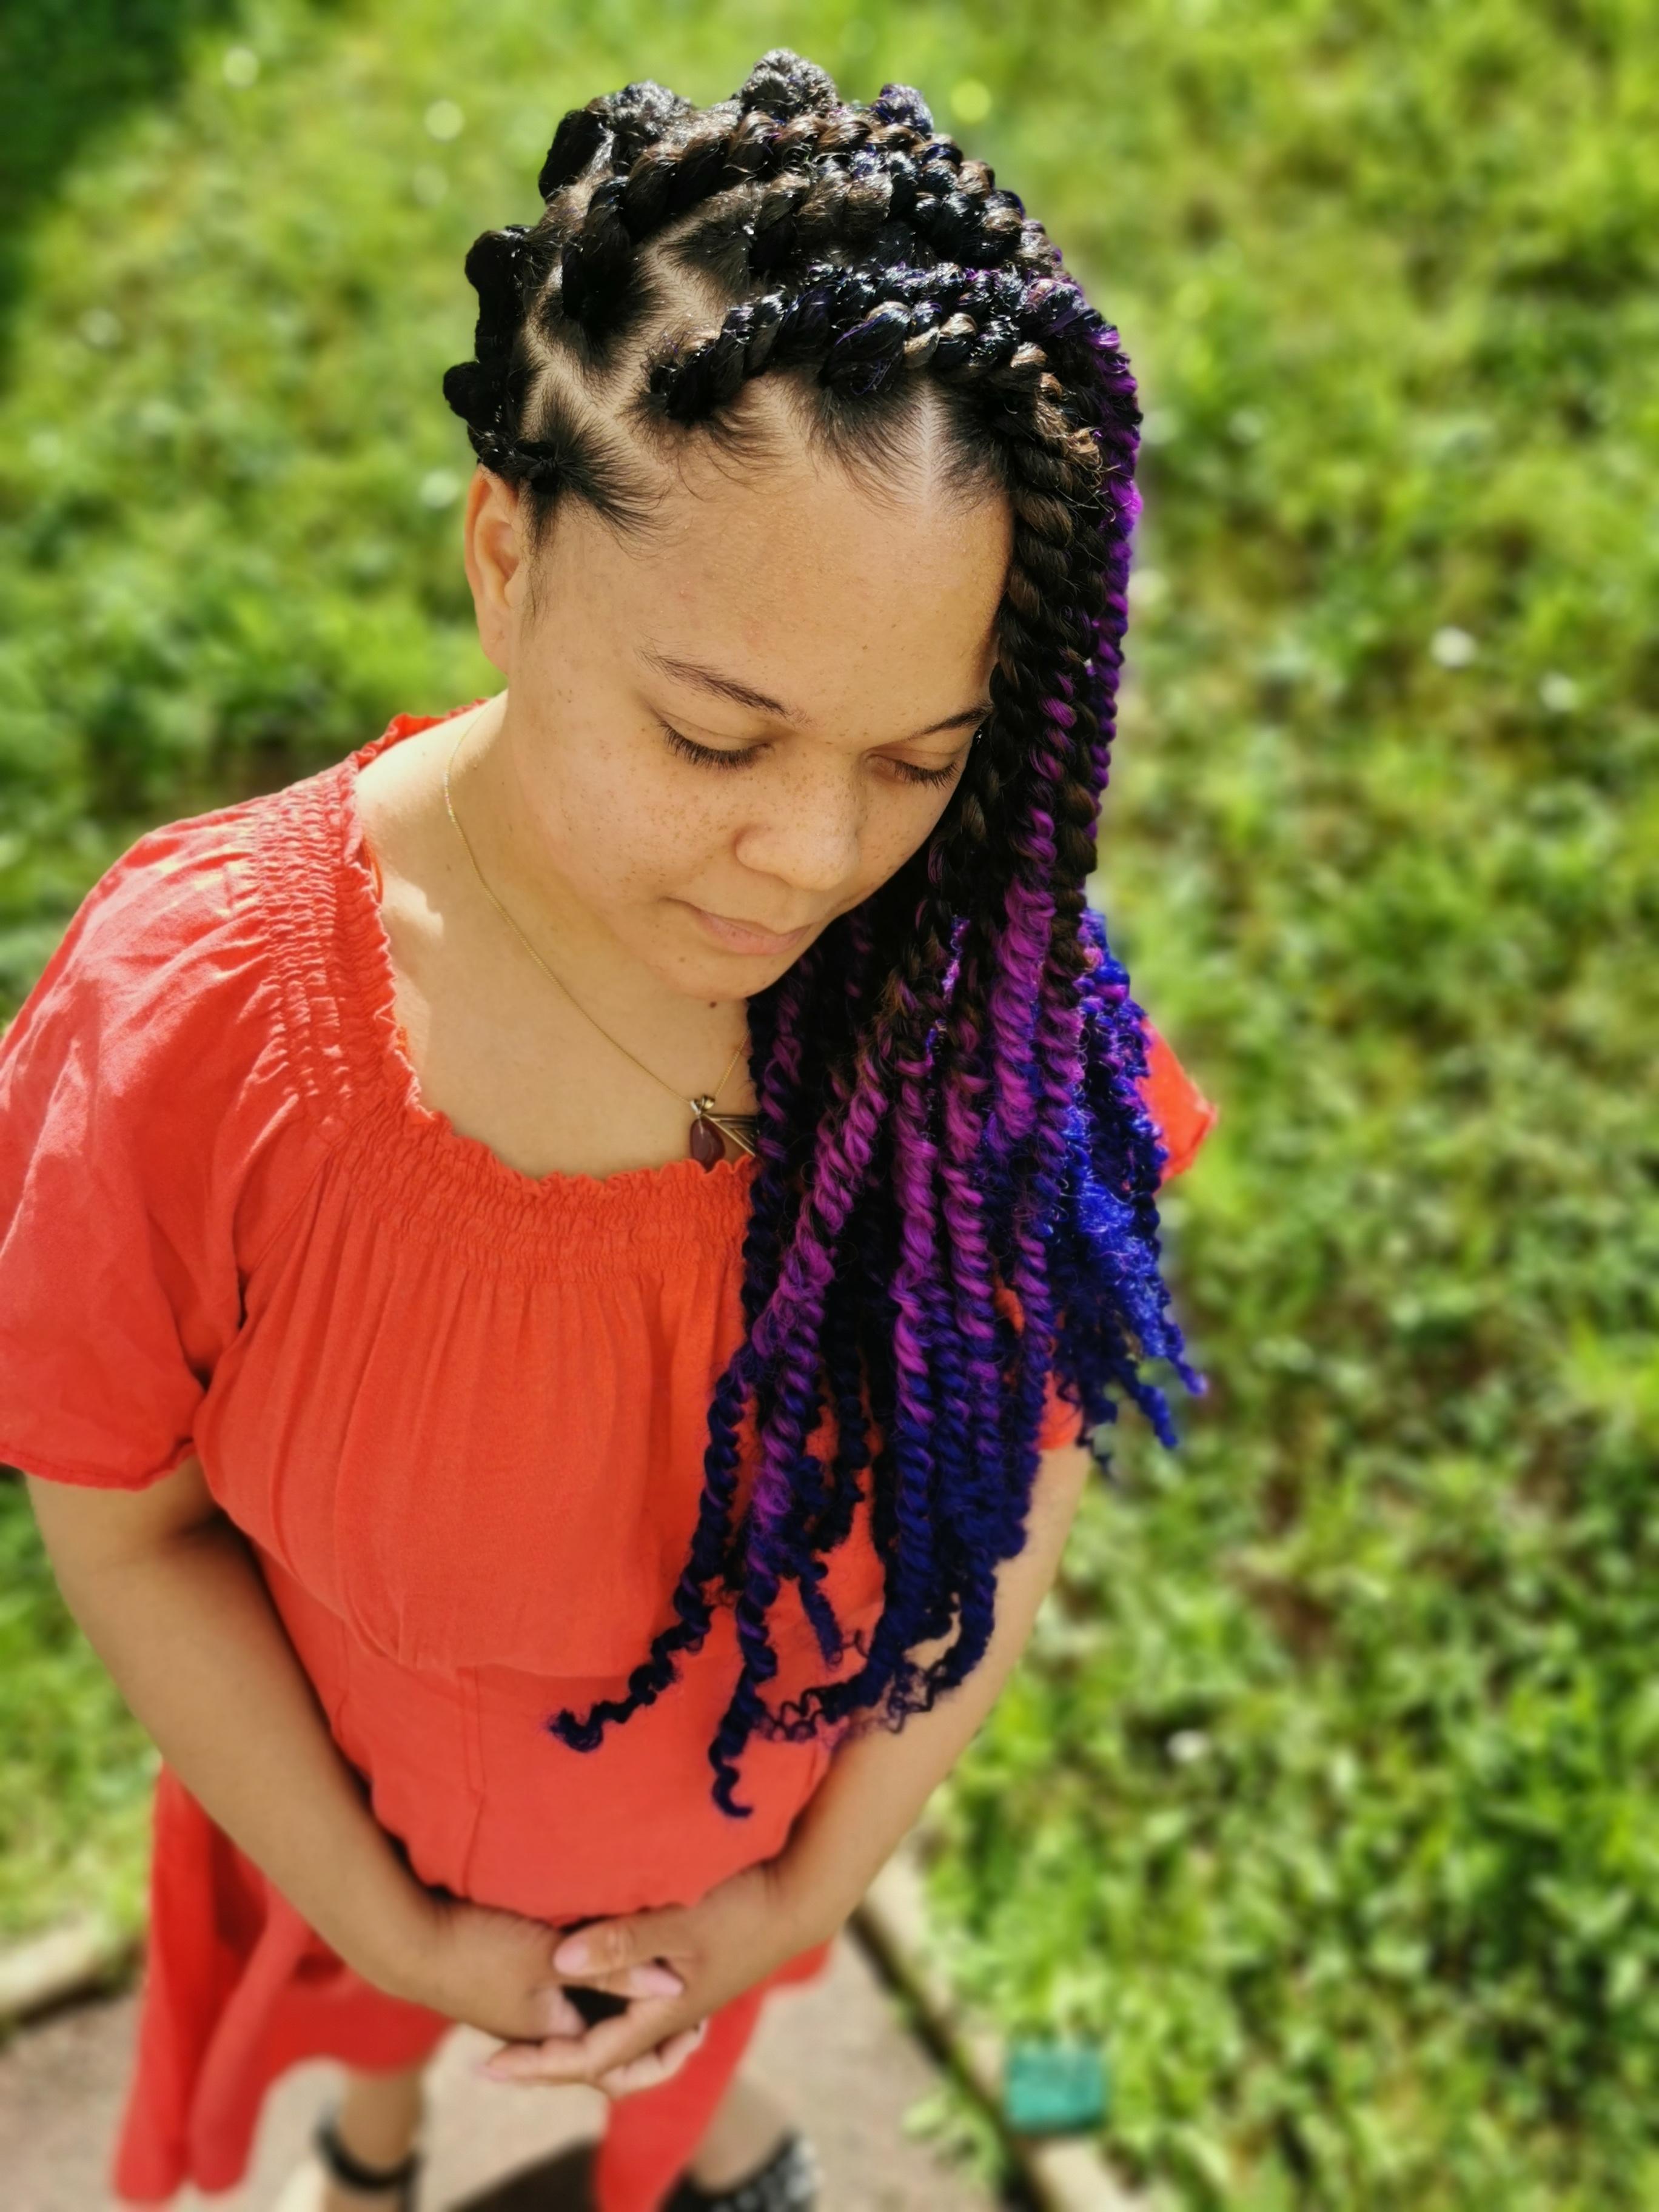 salon de coiffure afro tresse tresses box braids crochet braids vanilles tissages paris 75 77 78 91 92 93 94 95 LEZEQPWO